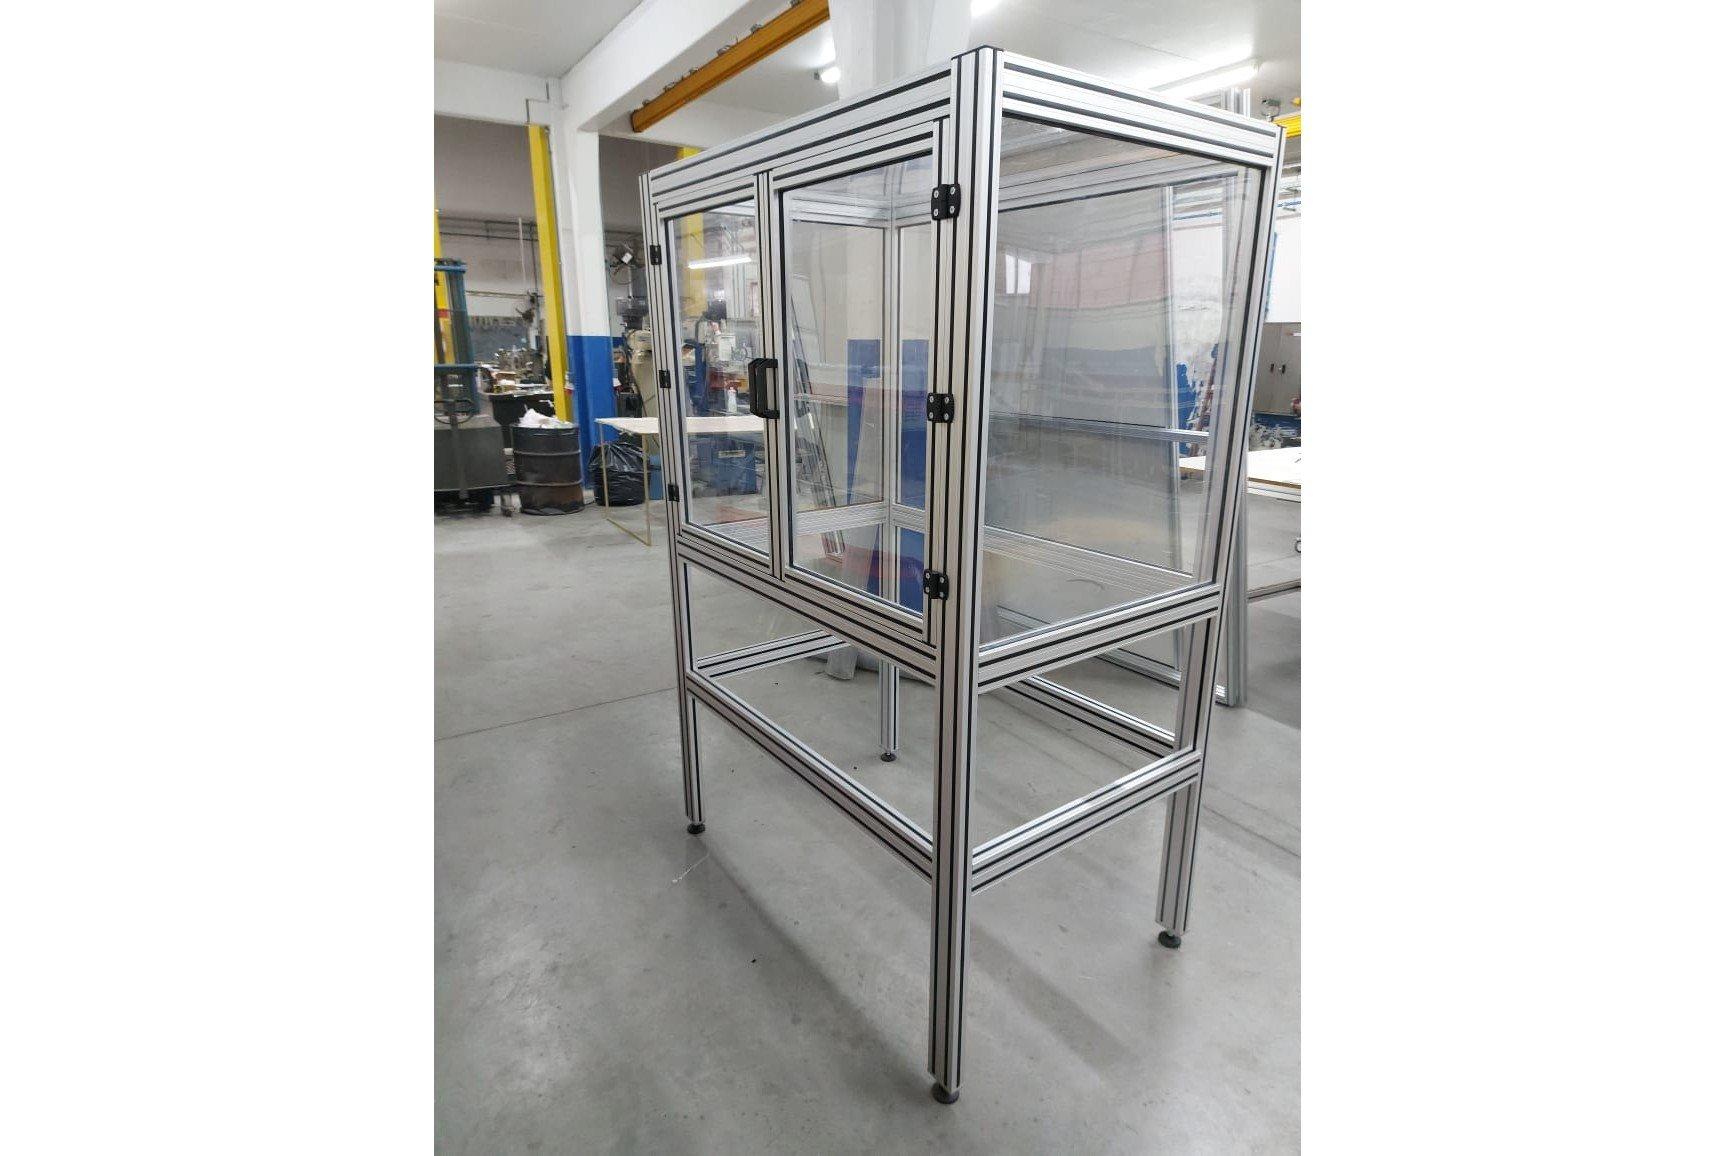 Cabine em perfil de alumínio 40x40 e 40x80.